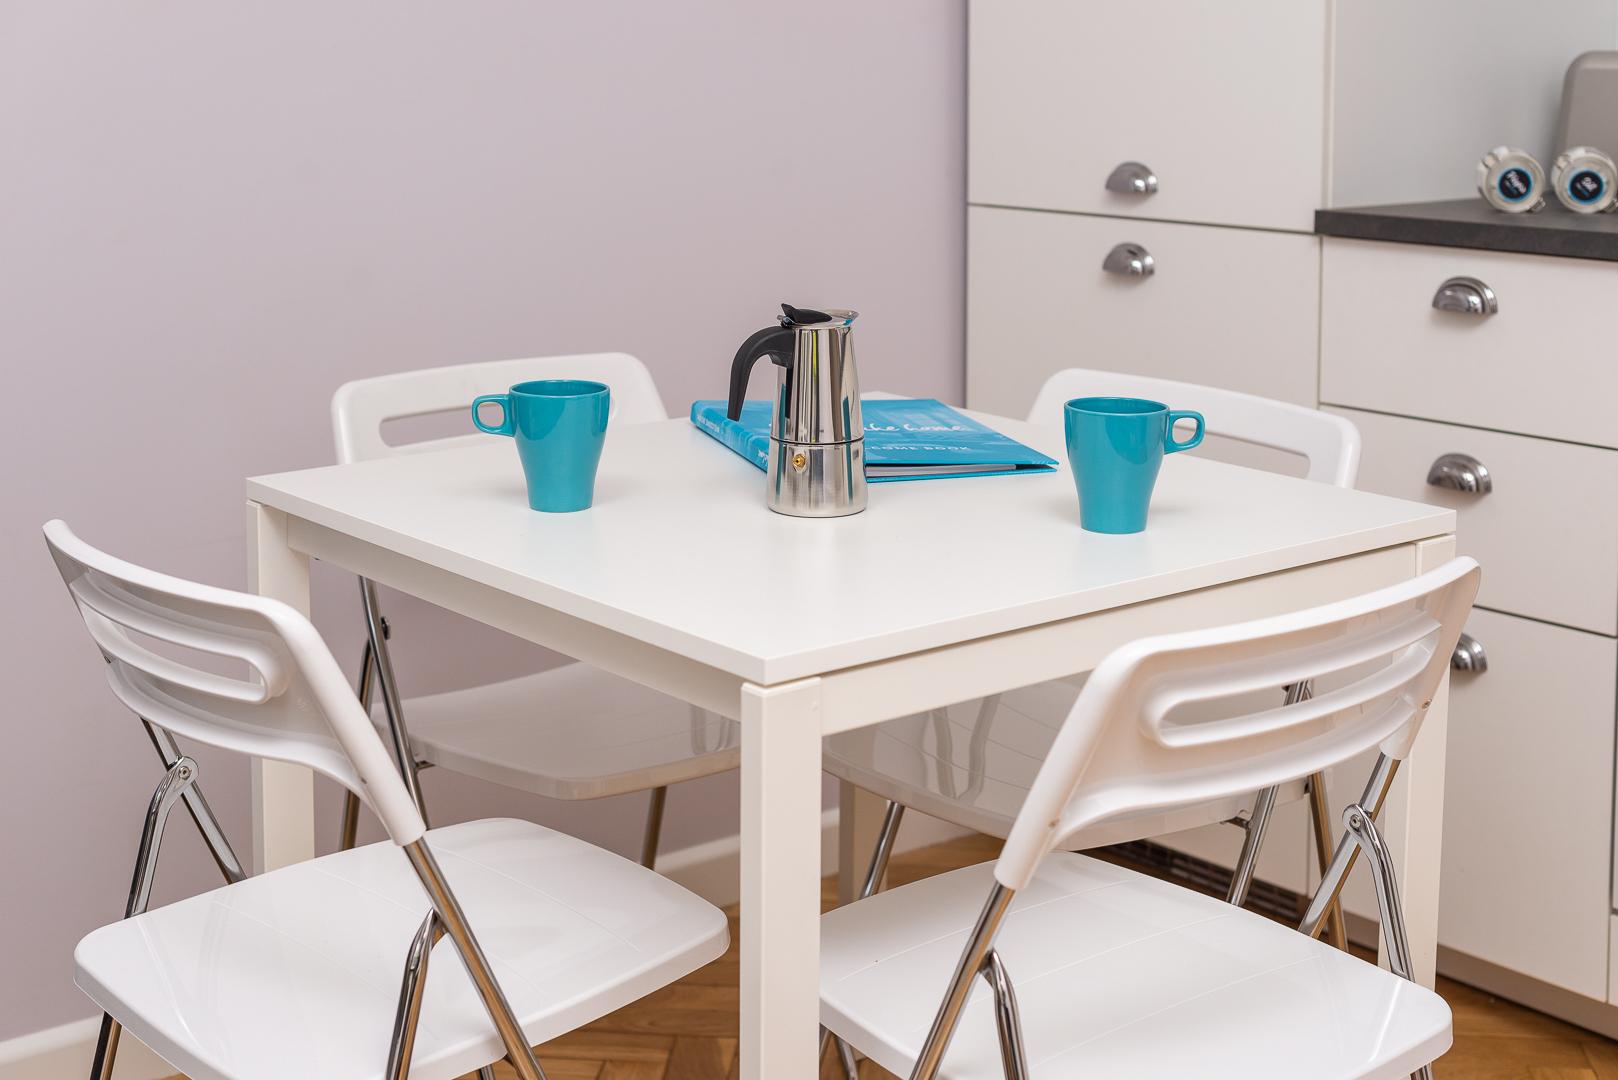 Dining table at Franciszkaska 10 Apartment